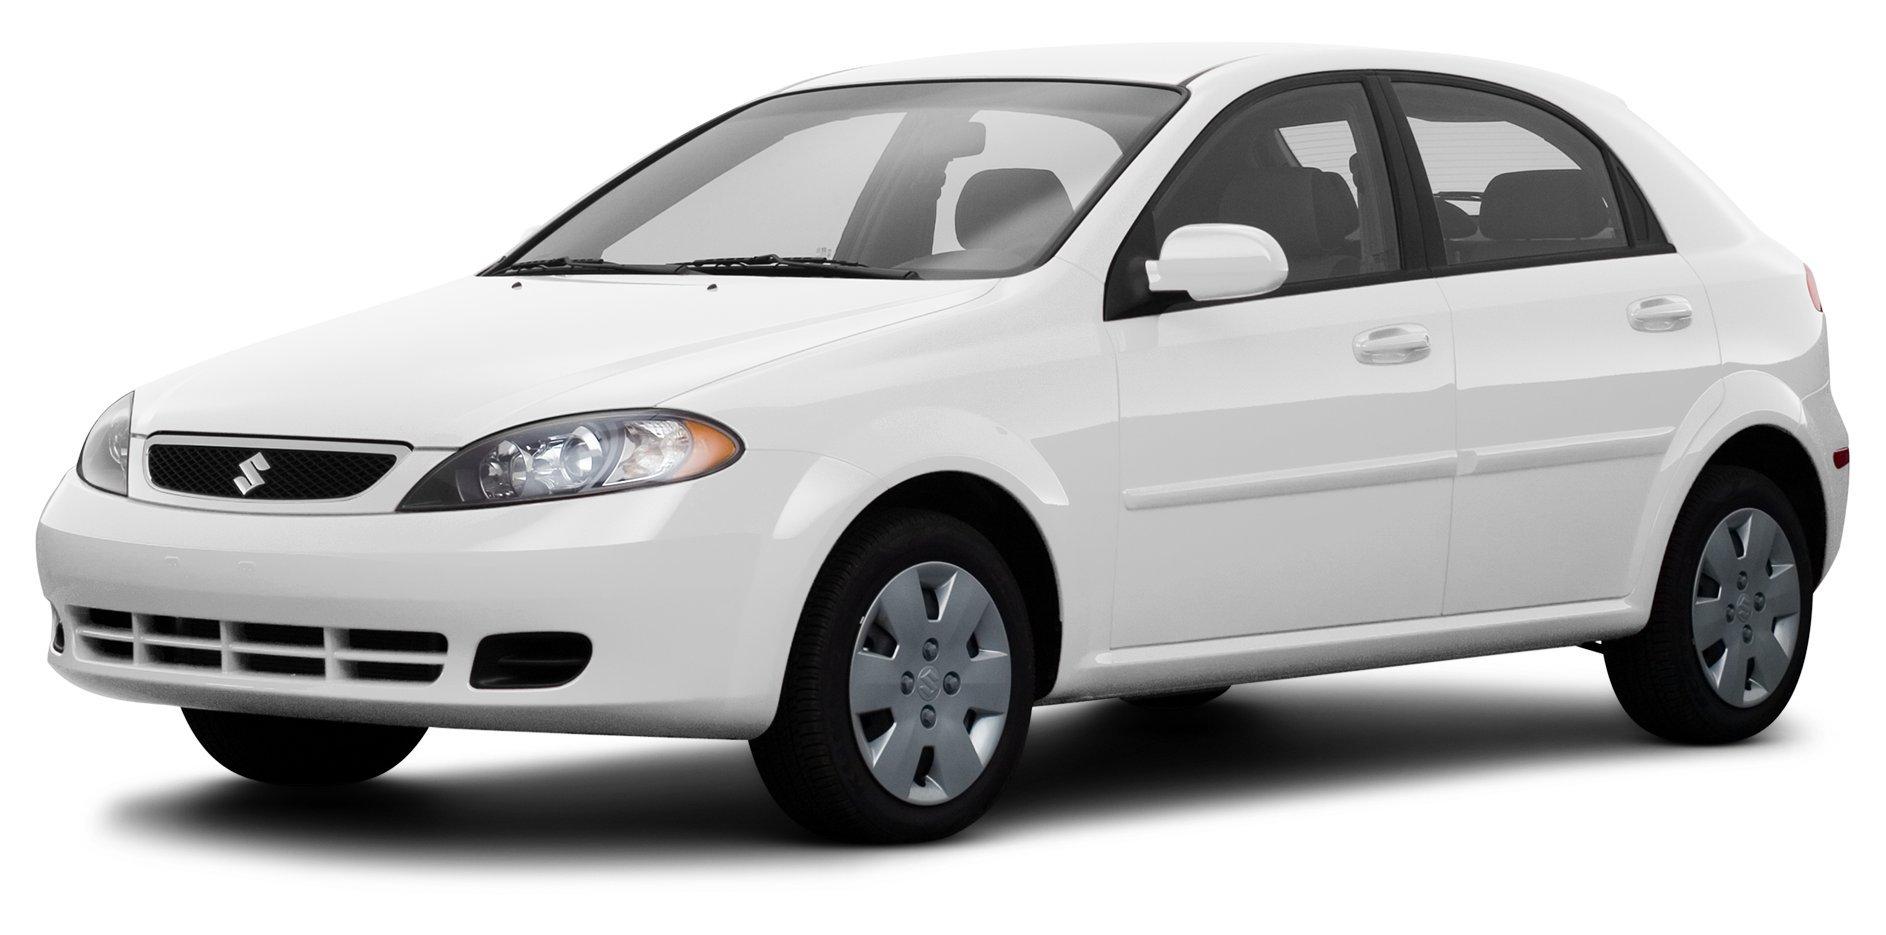 ... 2008 Suzuki Reno Convenience Package, 4-Door Hatchback Automatic Transmission ...